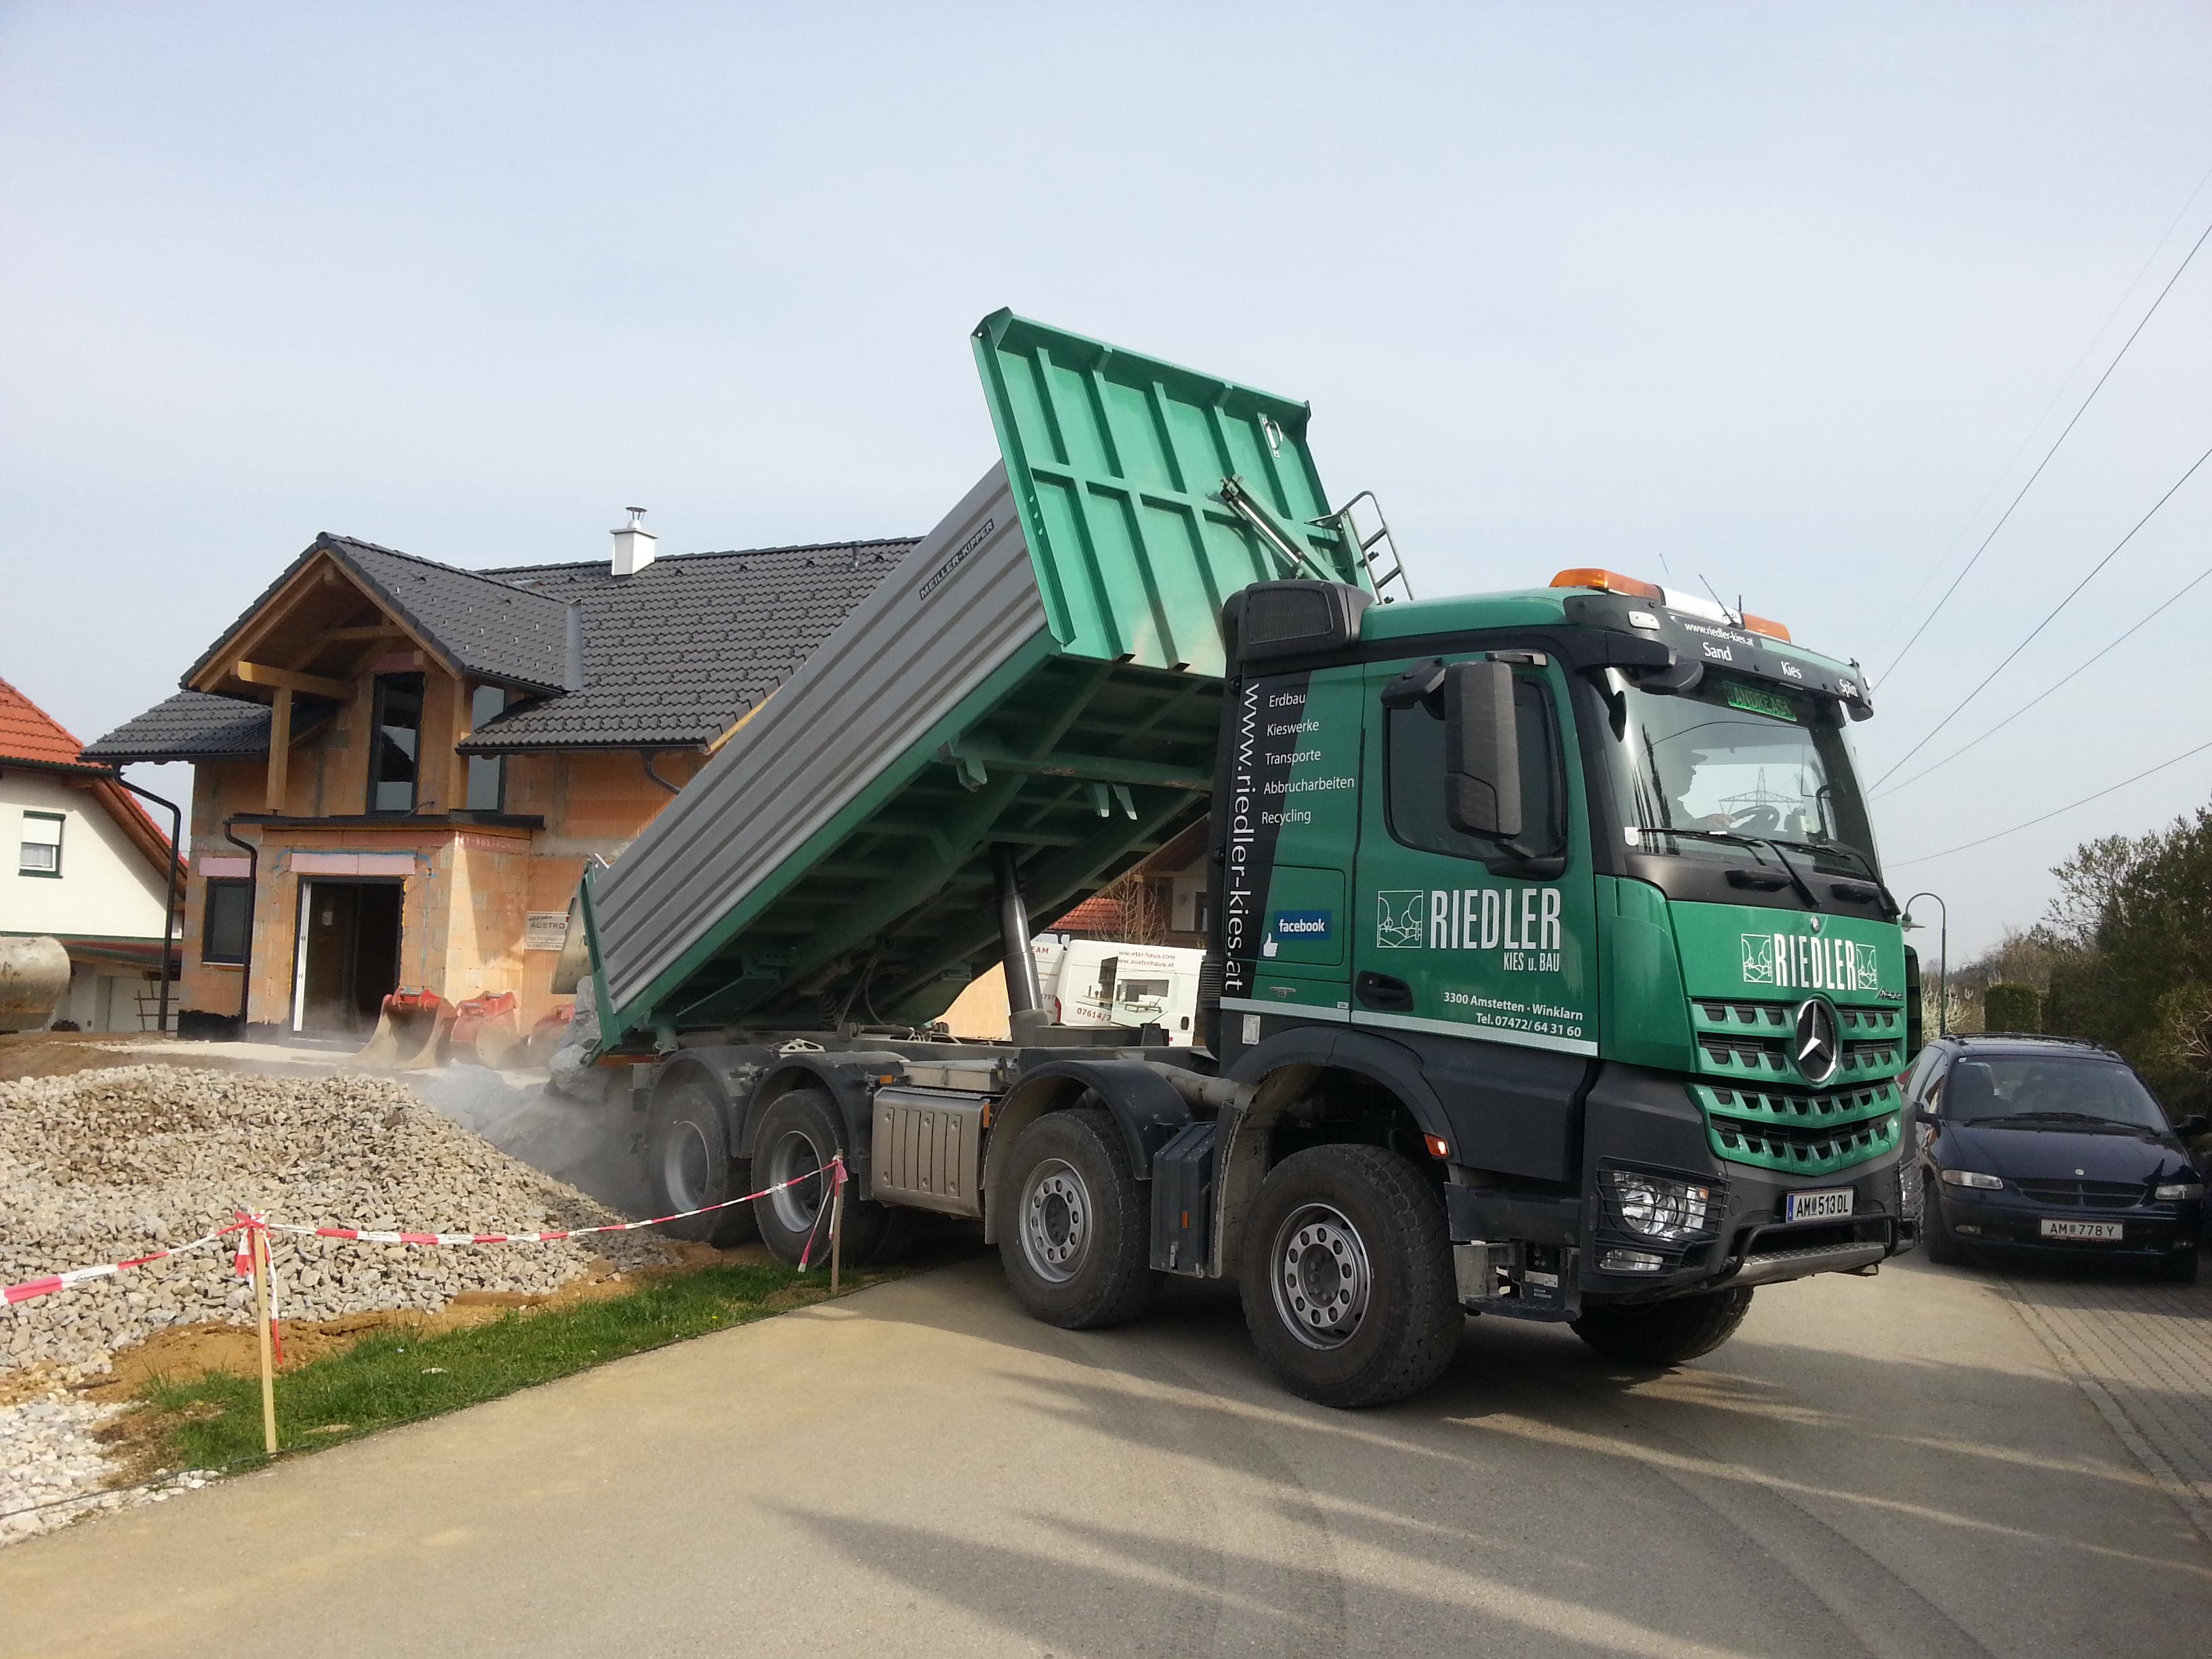 Riedler Kies und Bau GmbH & Co KG